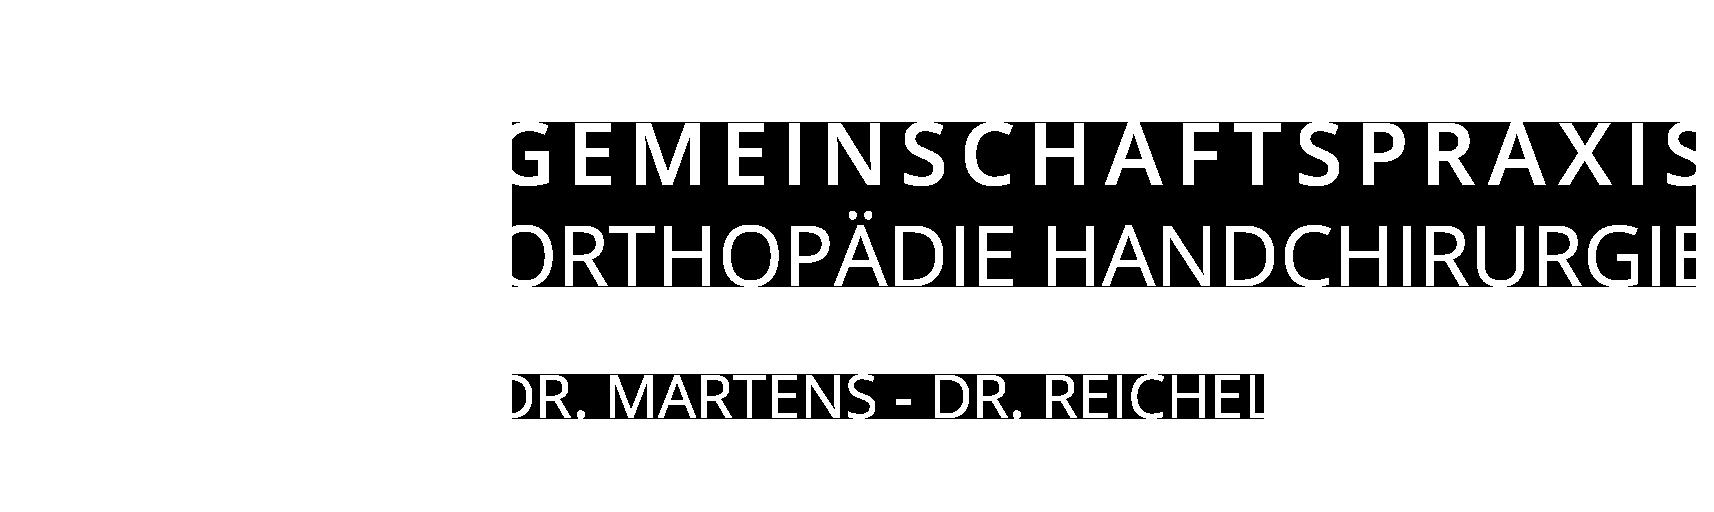 Gemeinschaftspraxis Orthopädie<br/>Hand- und Fußchirurgie, Buchholz